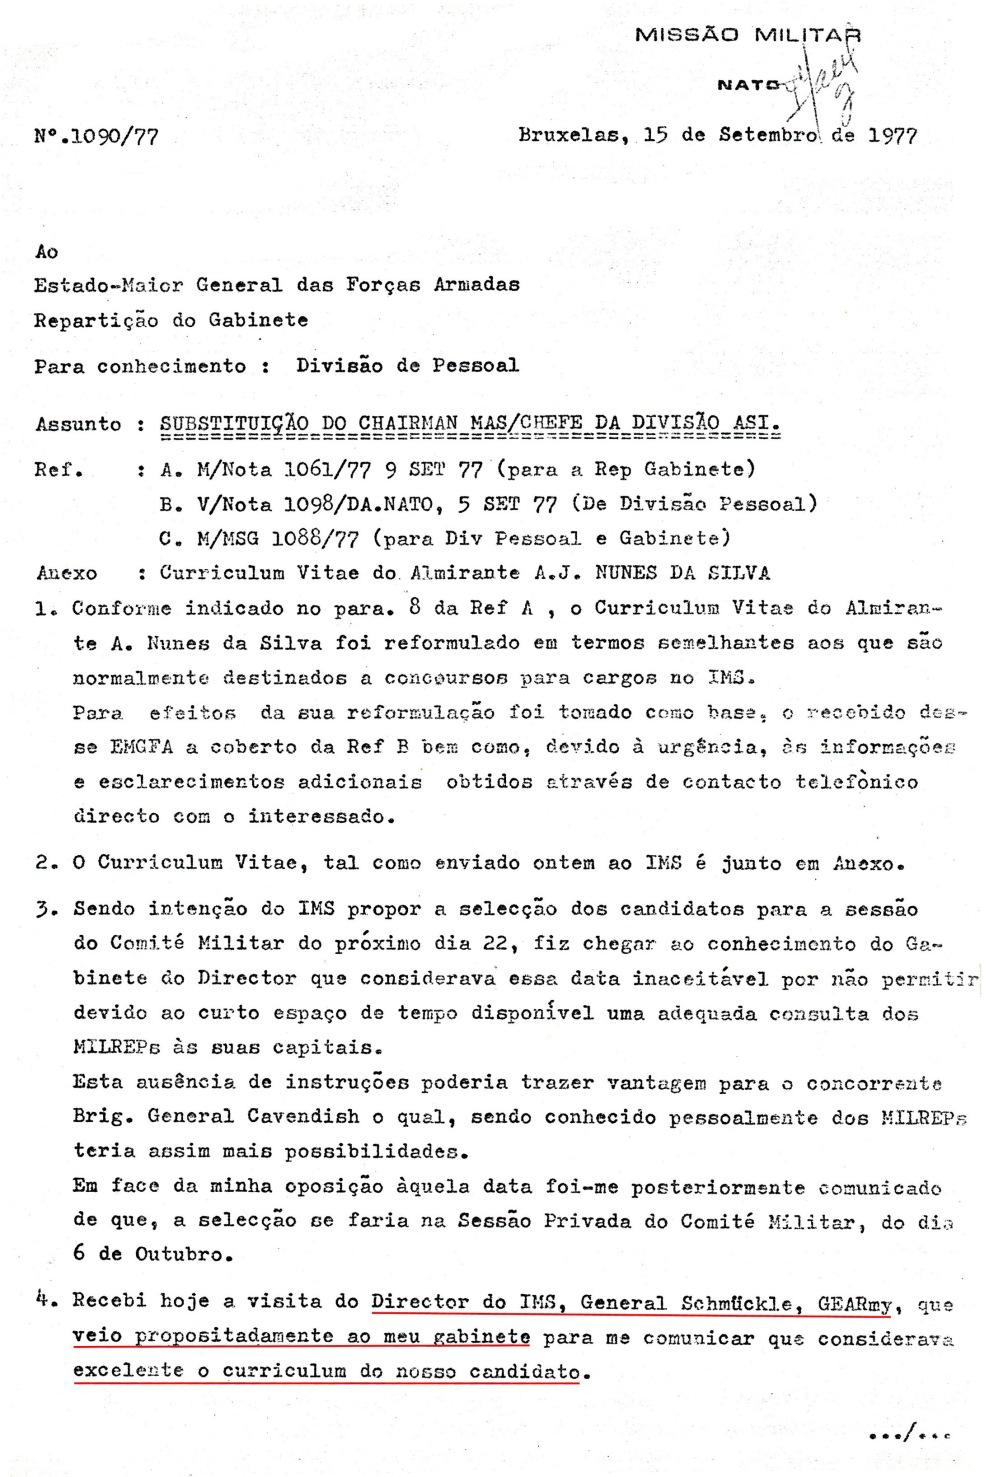 00863 977-09-15 CARGO na NATO - considerações de MILREP PO quanto à candidatura do Alm Nunes da Silva -pg 1